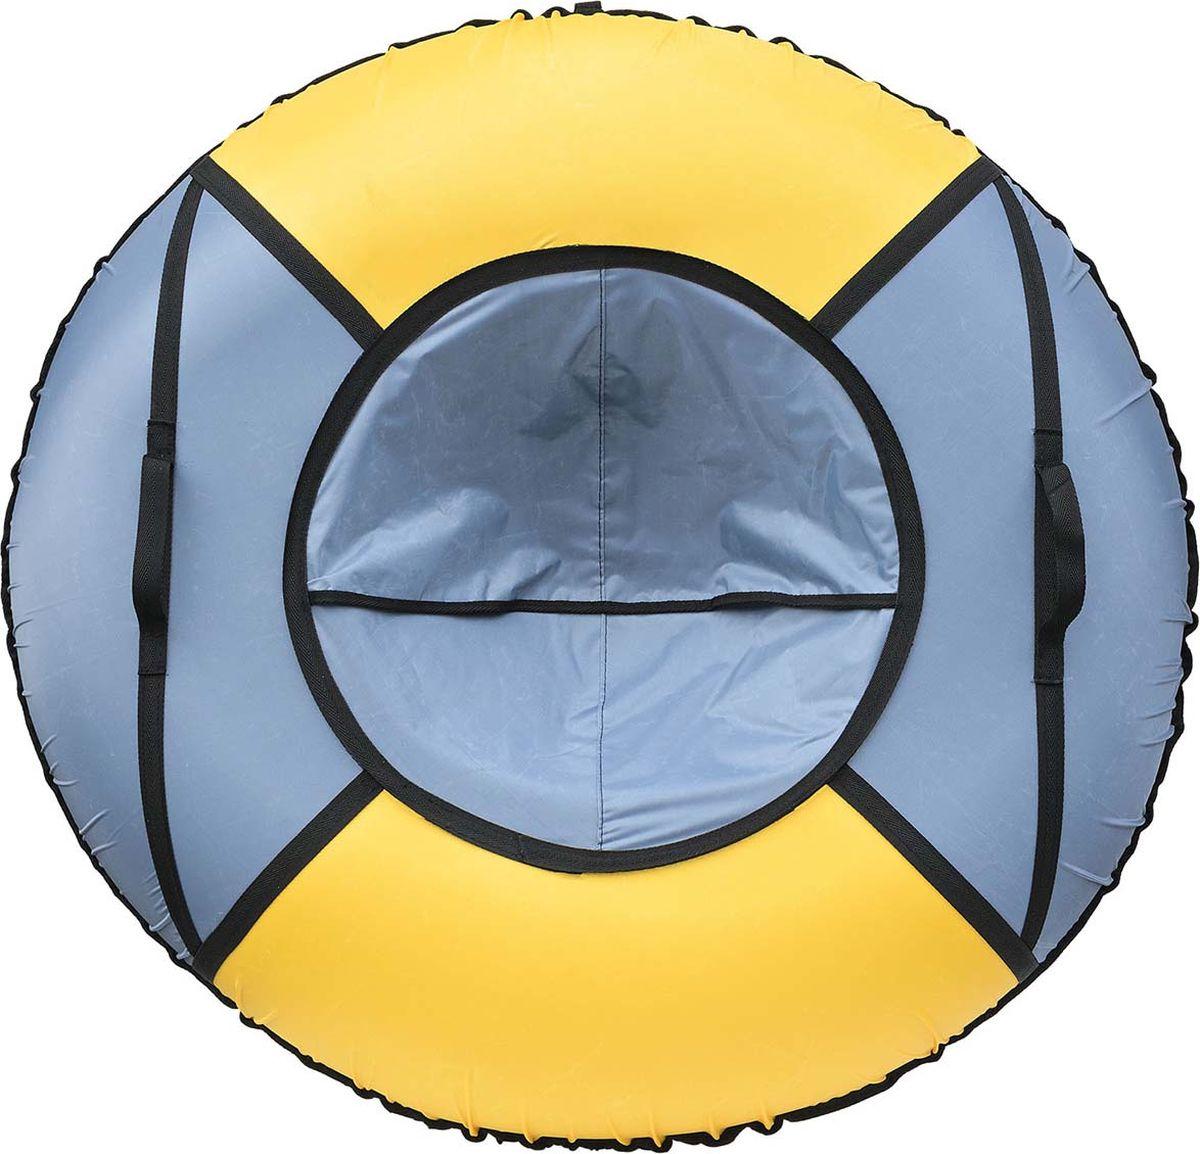 Тюбинг Эх, Прокачу! Эконом-4, цвет: серый, желтый, диаметр 70 смСЭ70-4-3Любимая детская зимняя забава - это кататься с горки. А катание на тюбинге Эх, Прокачу! Эконом-4 надолго запомнится вам и вашим близким. Свежий воздух, веселая компания, веселые развлечения - эти моменты вы будете вспоминать еще долгое время. Специальные материалы и уникальная конструкция днища превосходно скользят, даже если снега совсем немного. Высокая прочность позволит весело проводить время детям и взрослым, не заботясь о поломках. Модель очень вместительная, возможность соскальзывания практически исключена.Особенности: Материал дна - ткань ПВХ, плотность 630 г/м2.Материал верха - ткань Oxford, плотность 420 г/м2. Диаметр в надутом виде - 70 см.Морозоустойчивость - до -45 градусов.Камера российского производства, буксировочный ремень. Тюбинг не предназначен для буксировки механическими или транспортными средствами (подъемники, канатные дороги, лебедки, автомобиль, снегоход, квадроцикл и т.д.).Допускается деформация формы санок из-за неравномерности надувания камеры.